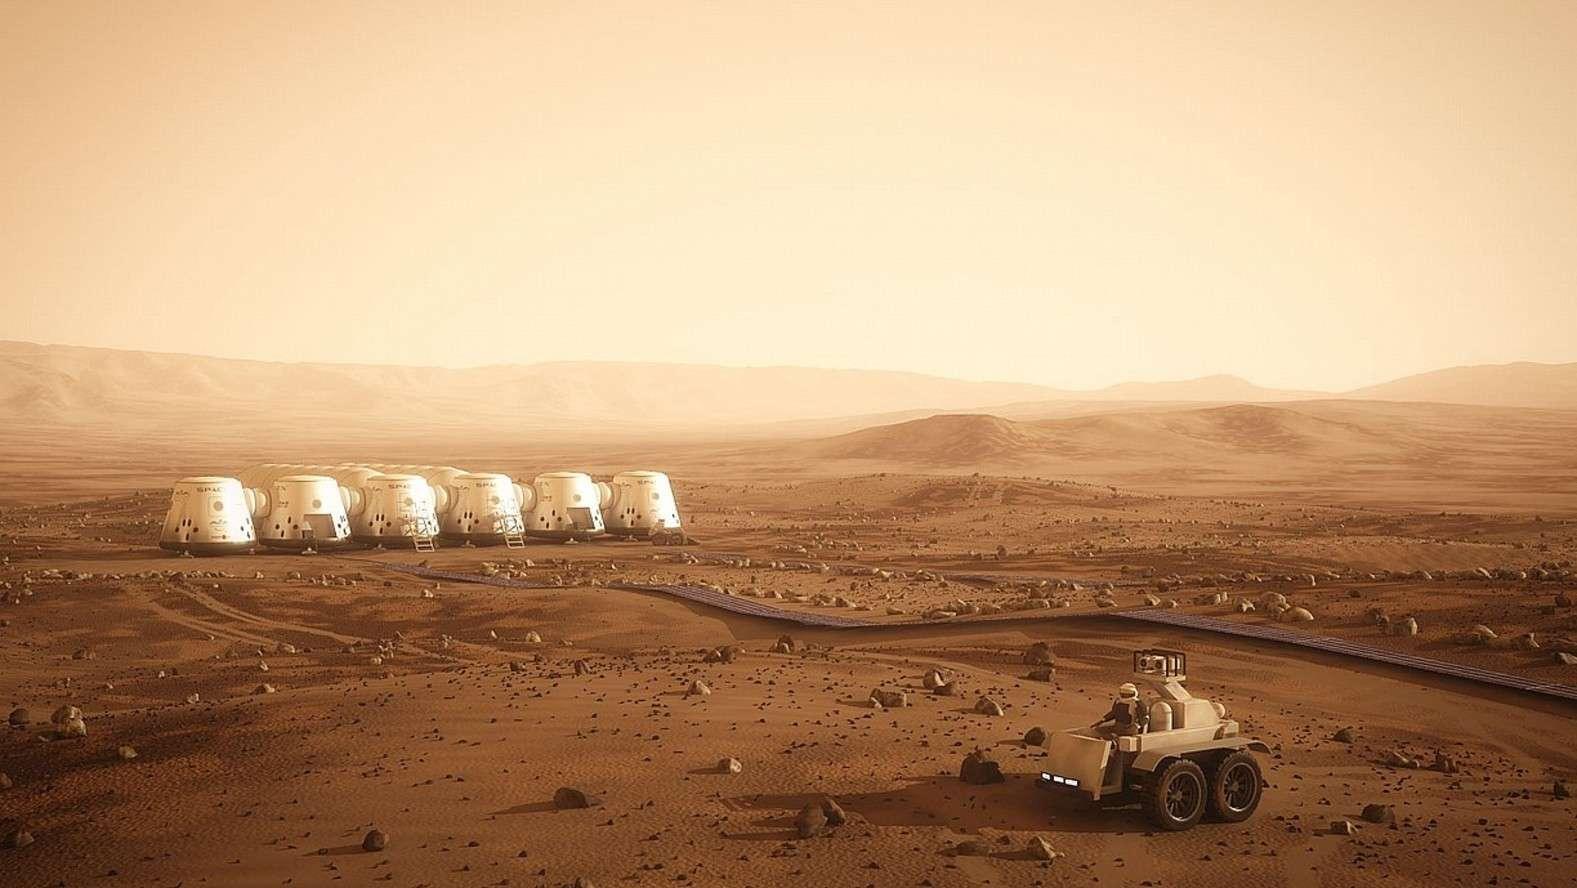 Le projet Mars One envisage de réaliser la première colonie martienne. Il reste cependant bien des défis technologiques à résoudre avant de voir ce rêve se réaliser. © Bryan Versteeg, Mars One